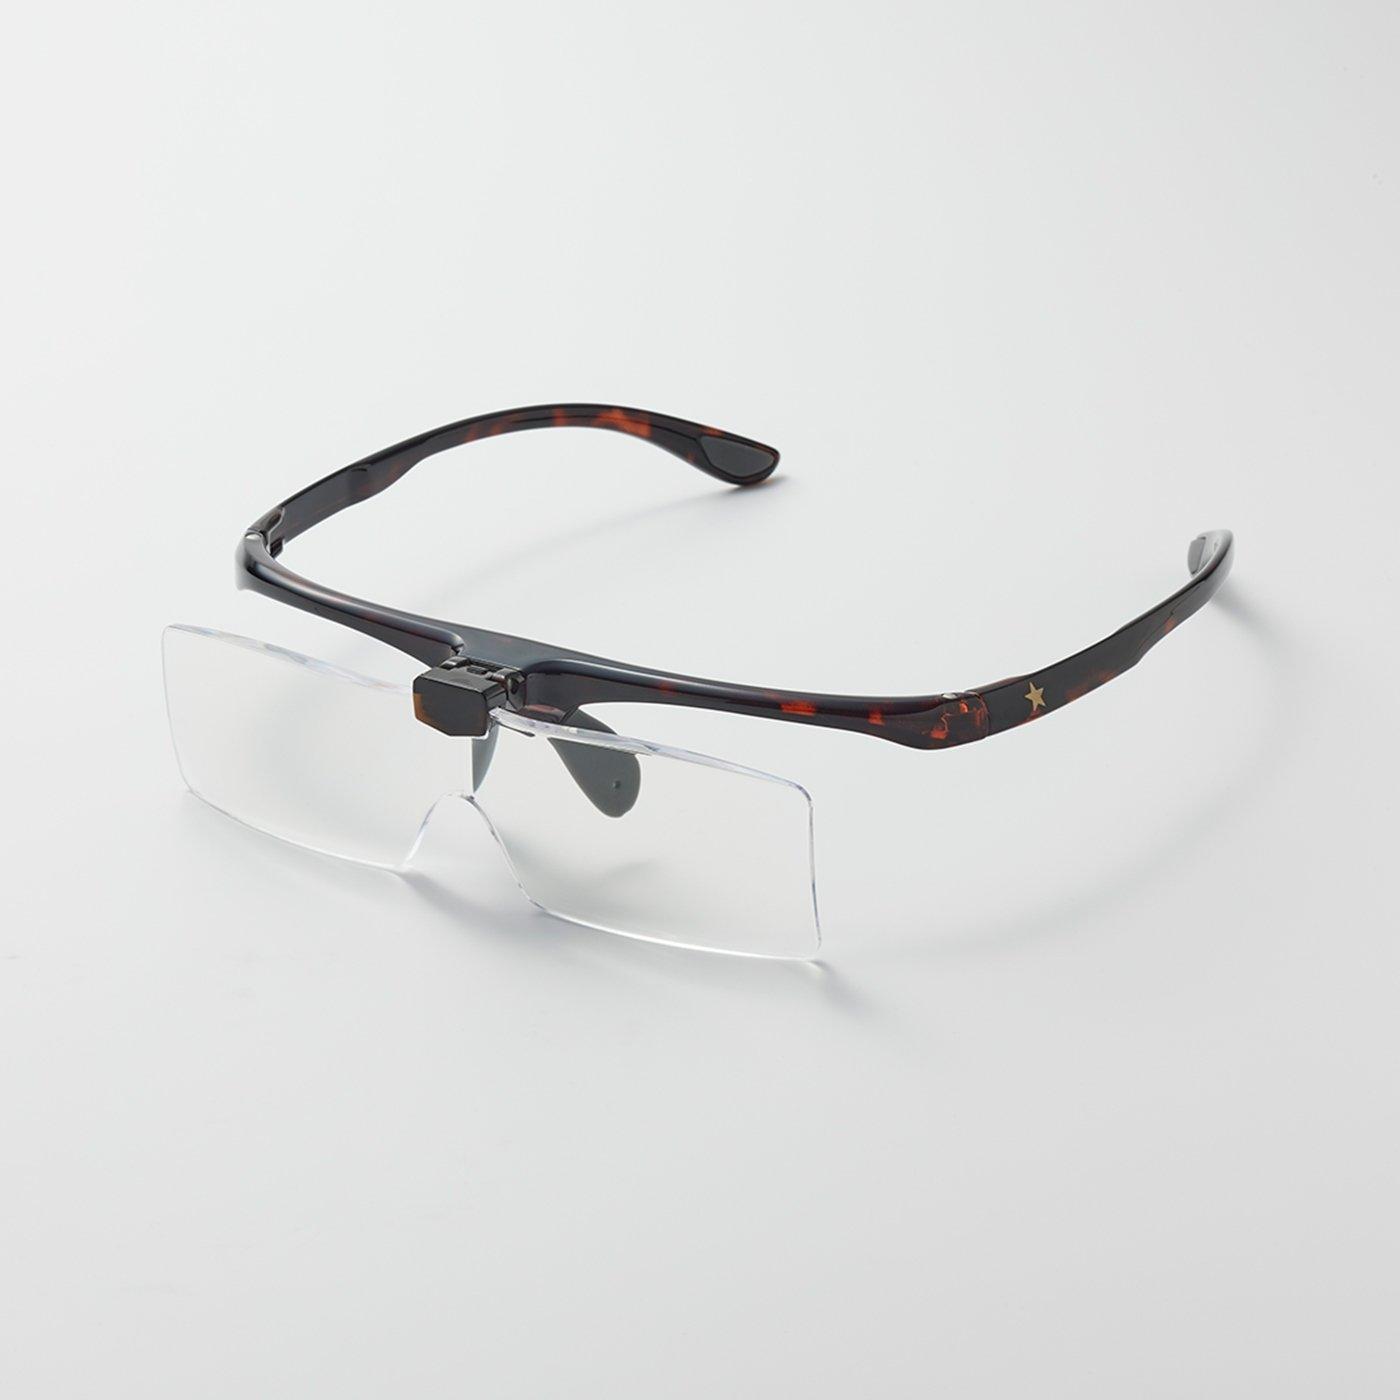 IEDIT[イディット]ワガママ企画 ゴールドスターがポイント! メガネの上からかけられて手もとがよく見えるメガネ型拡大ルーペ〈べっ甲風〉